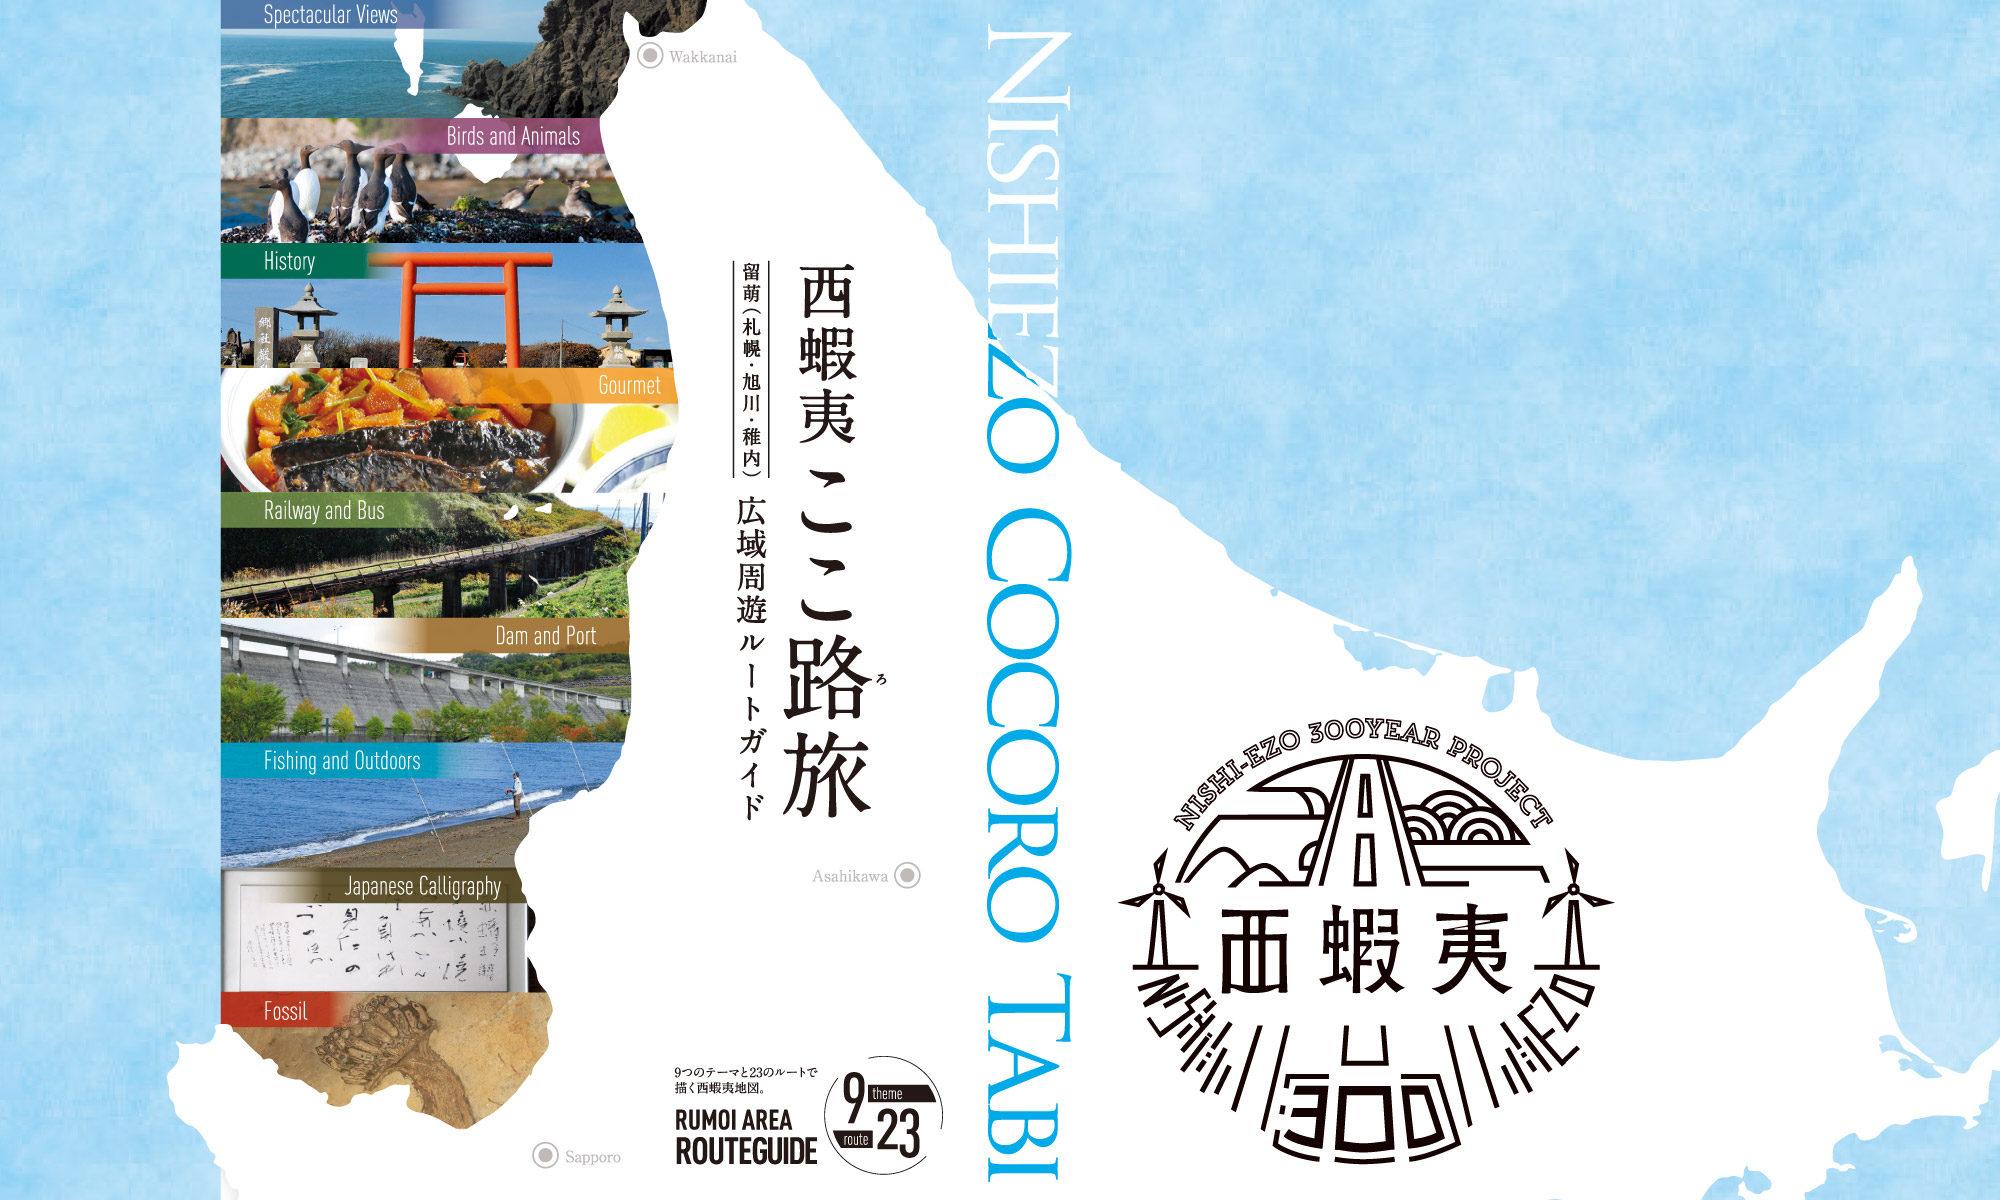 西蝦夷 ここ路旅 -NISHIEZO COCORO TABI-